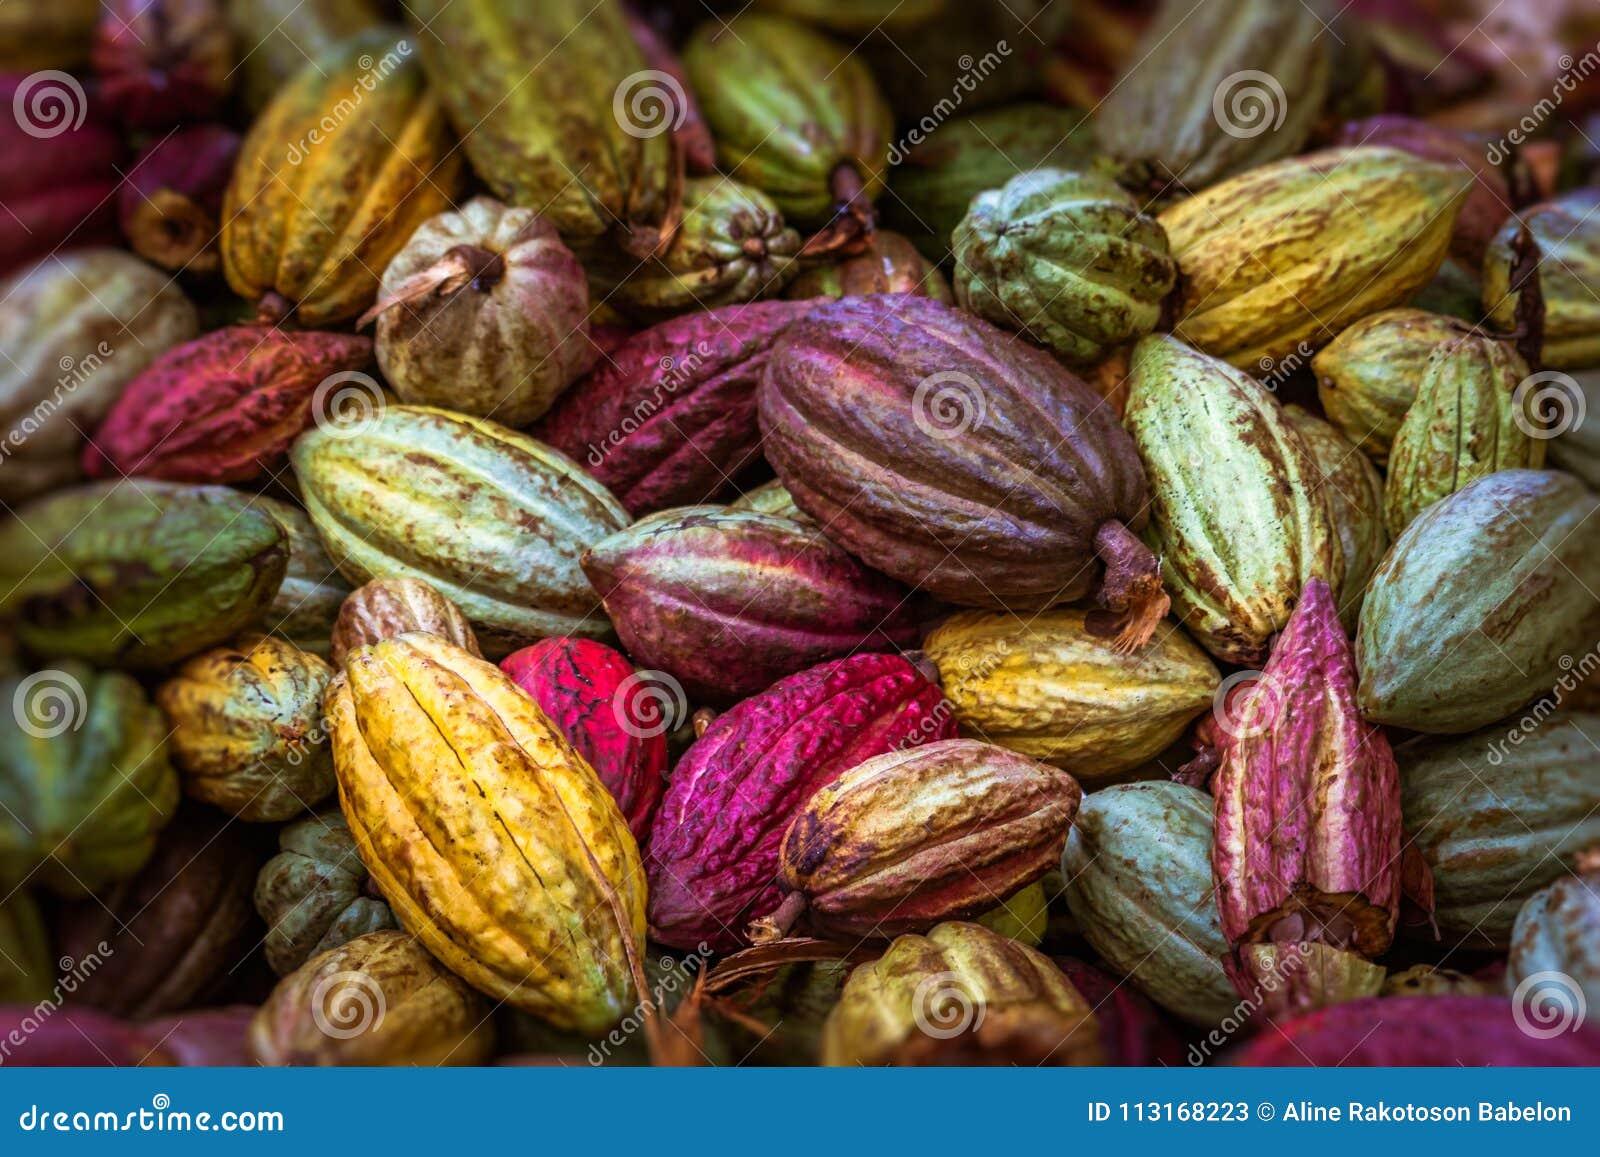 Kakaohülsen